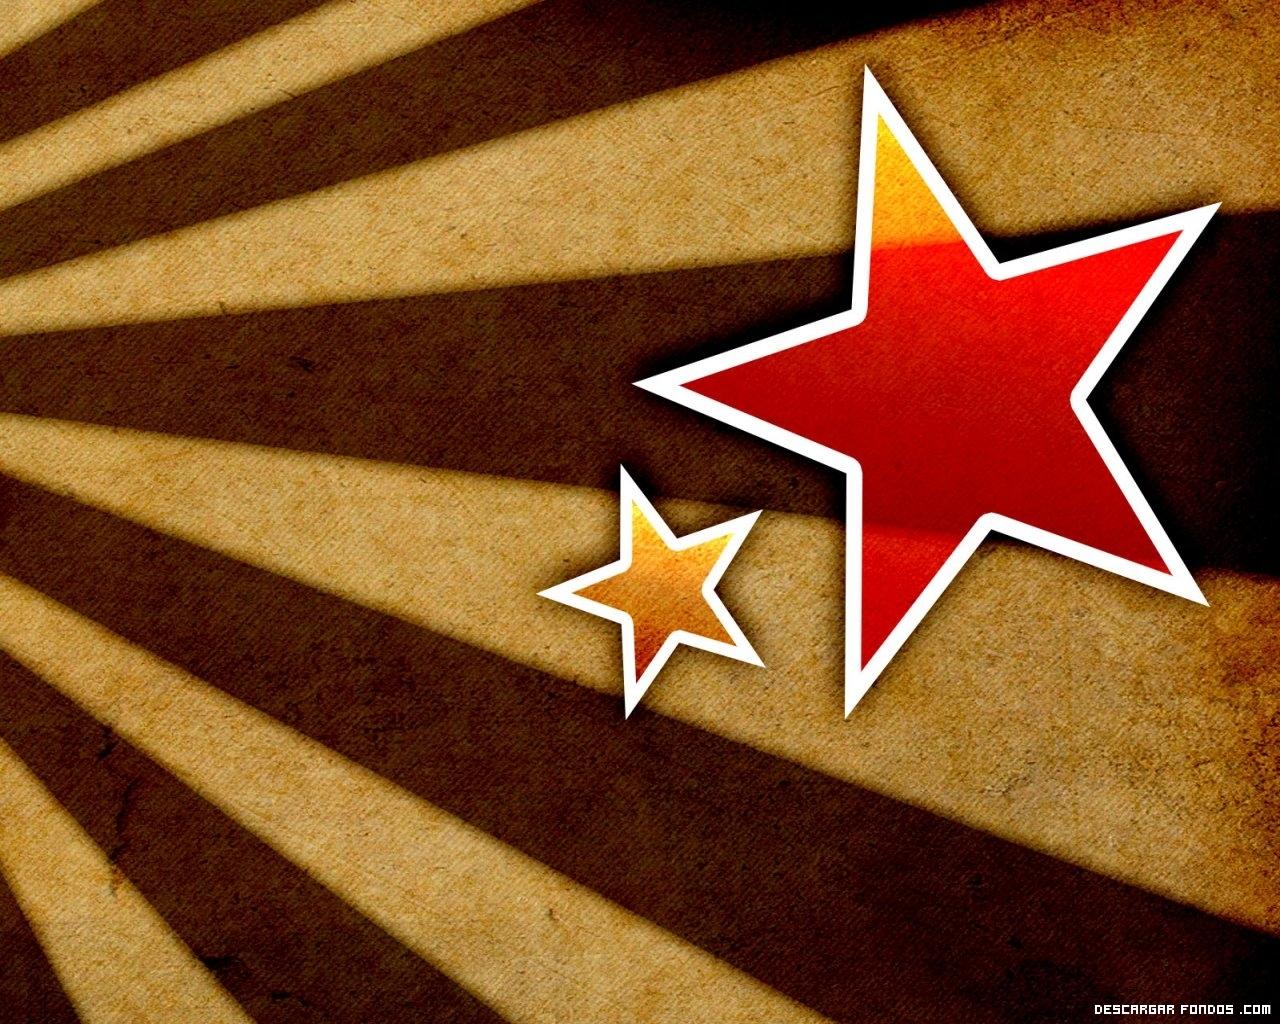 Fondos de una estrella